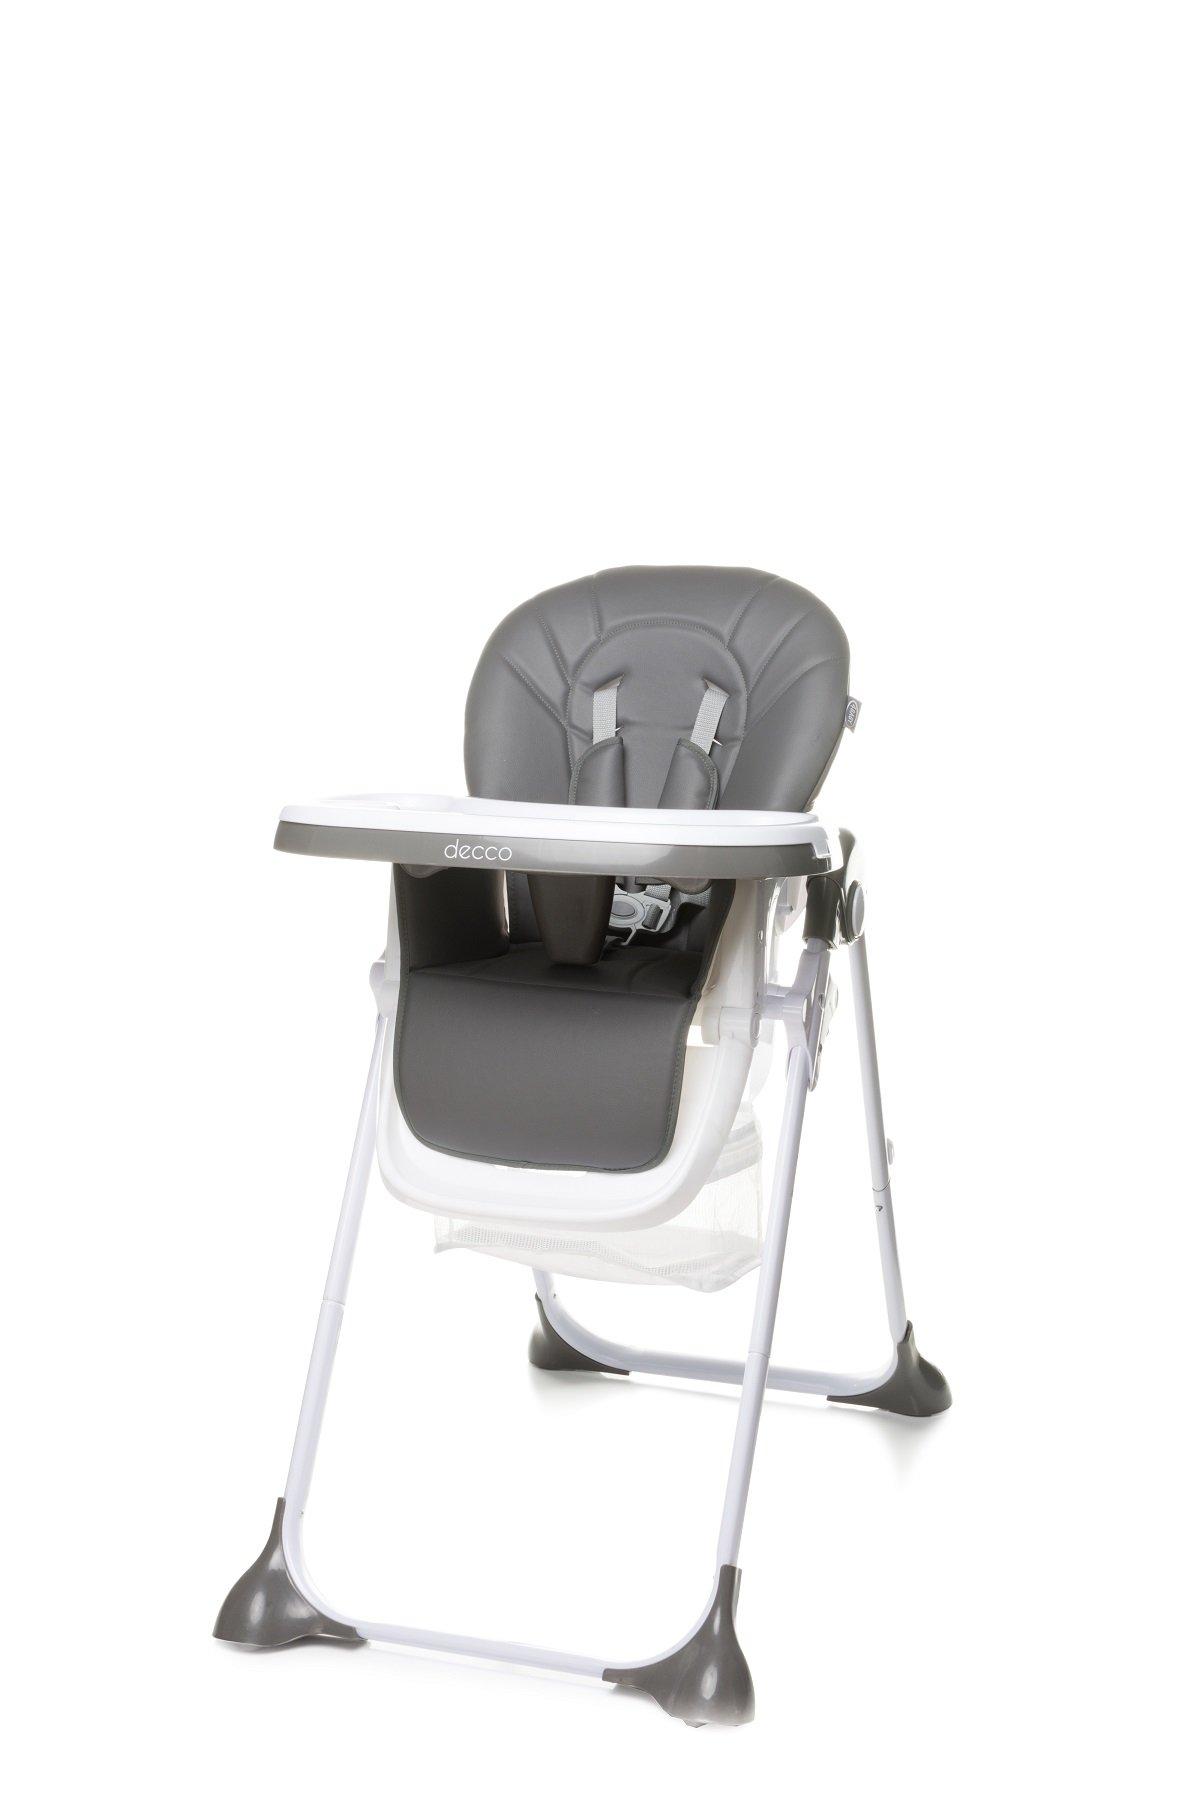 Jídelní židlièka DECCO šedá